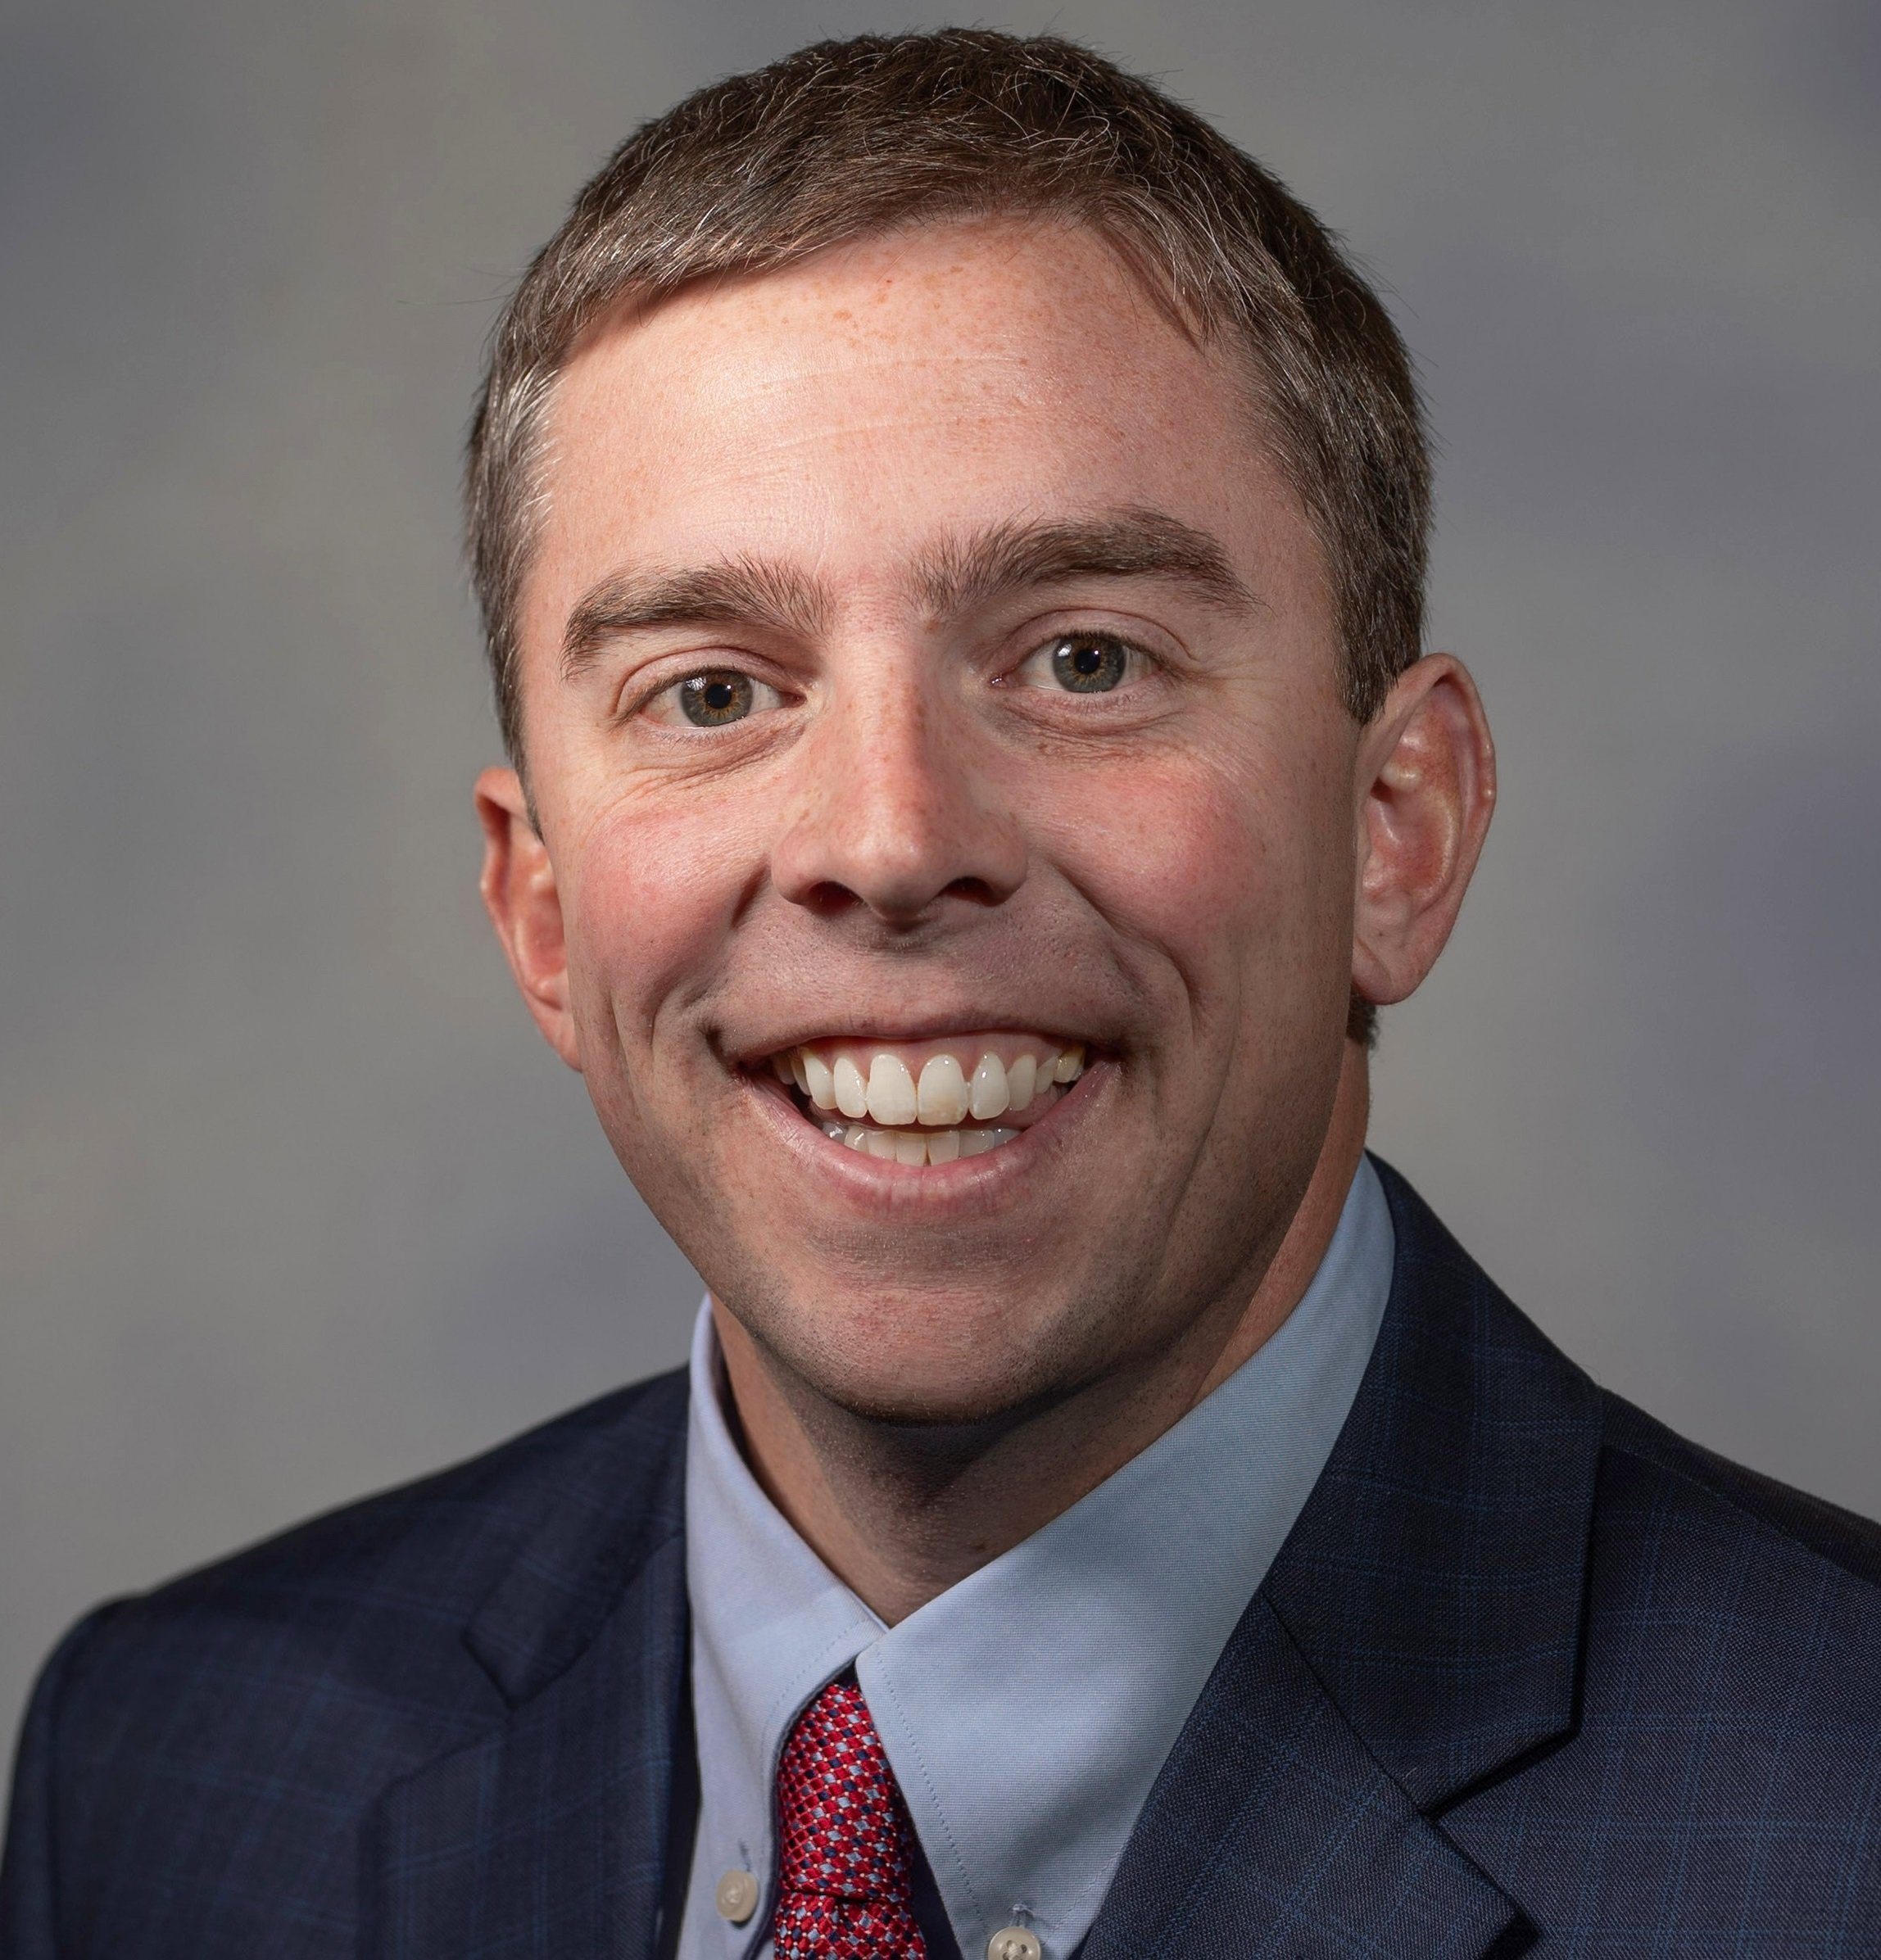 Todd Horne